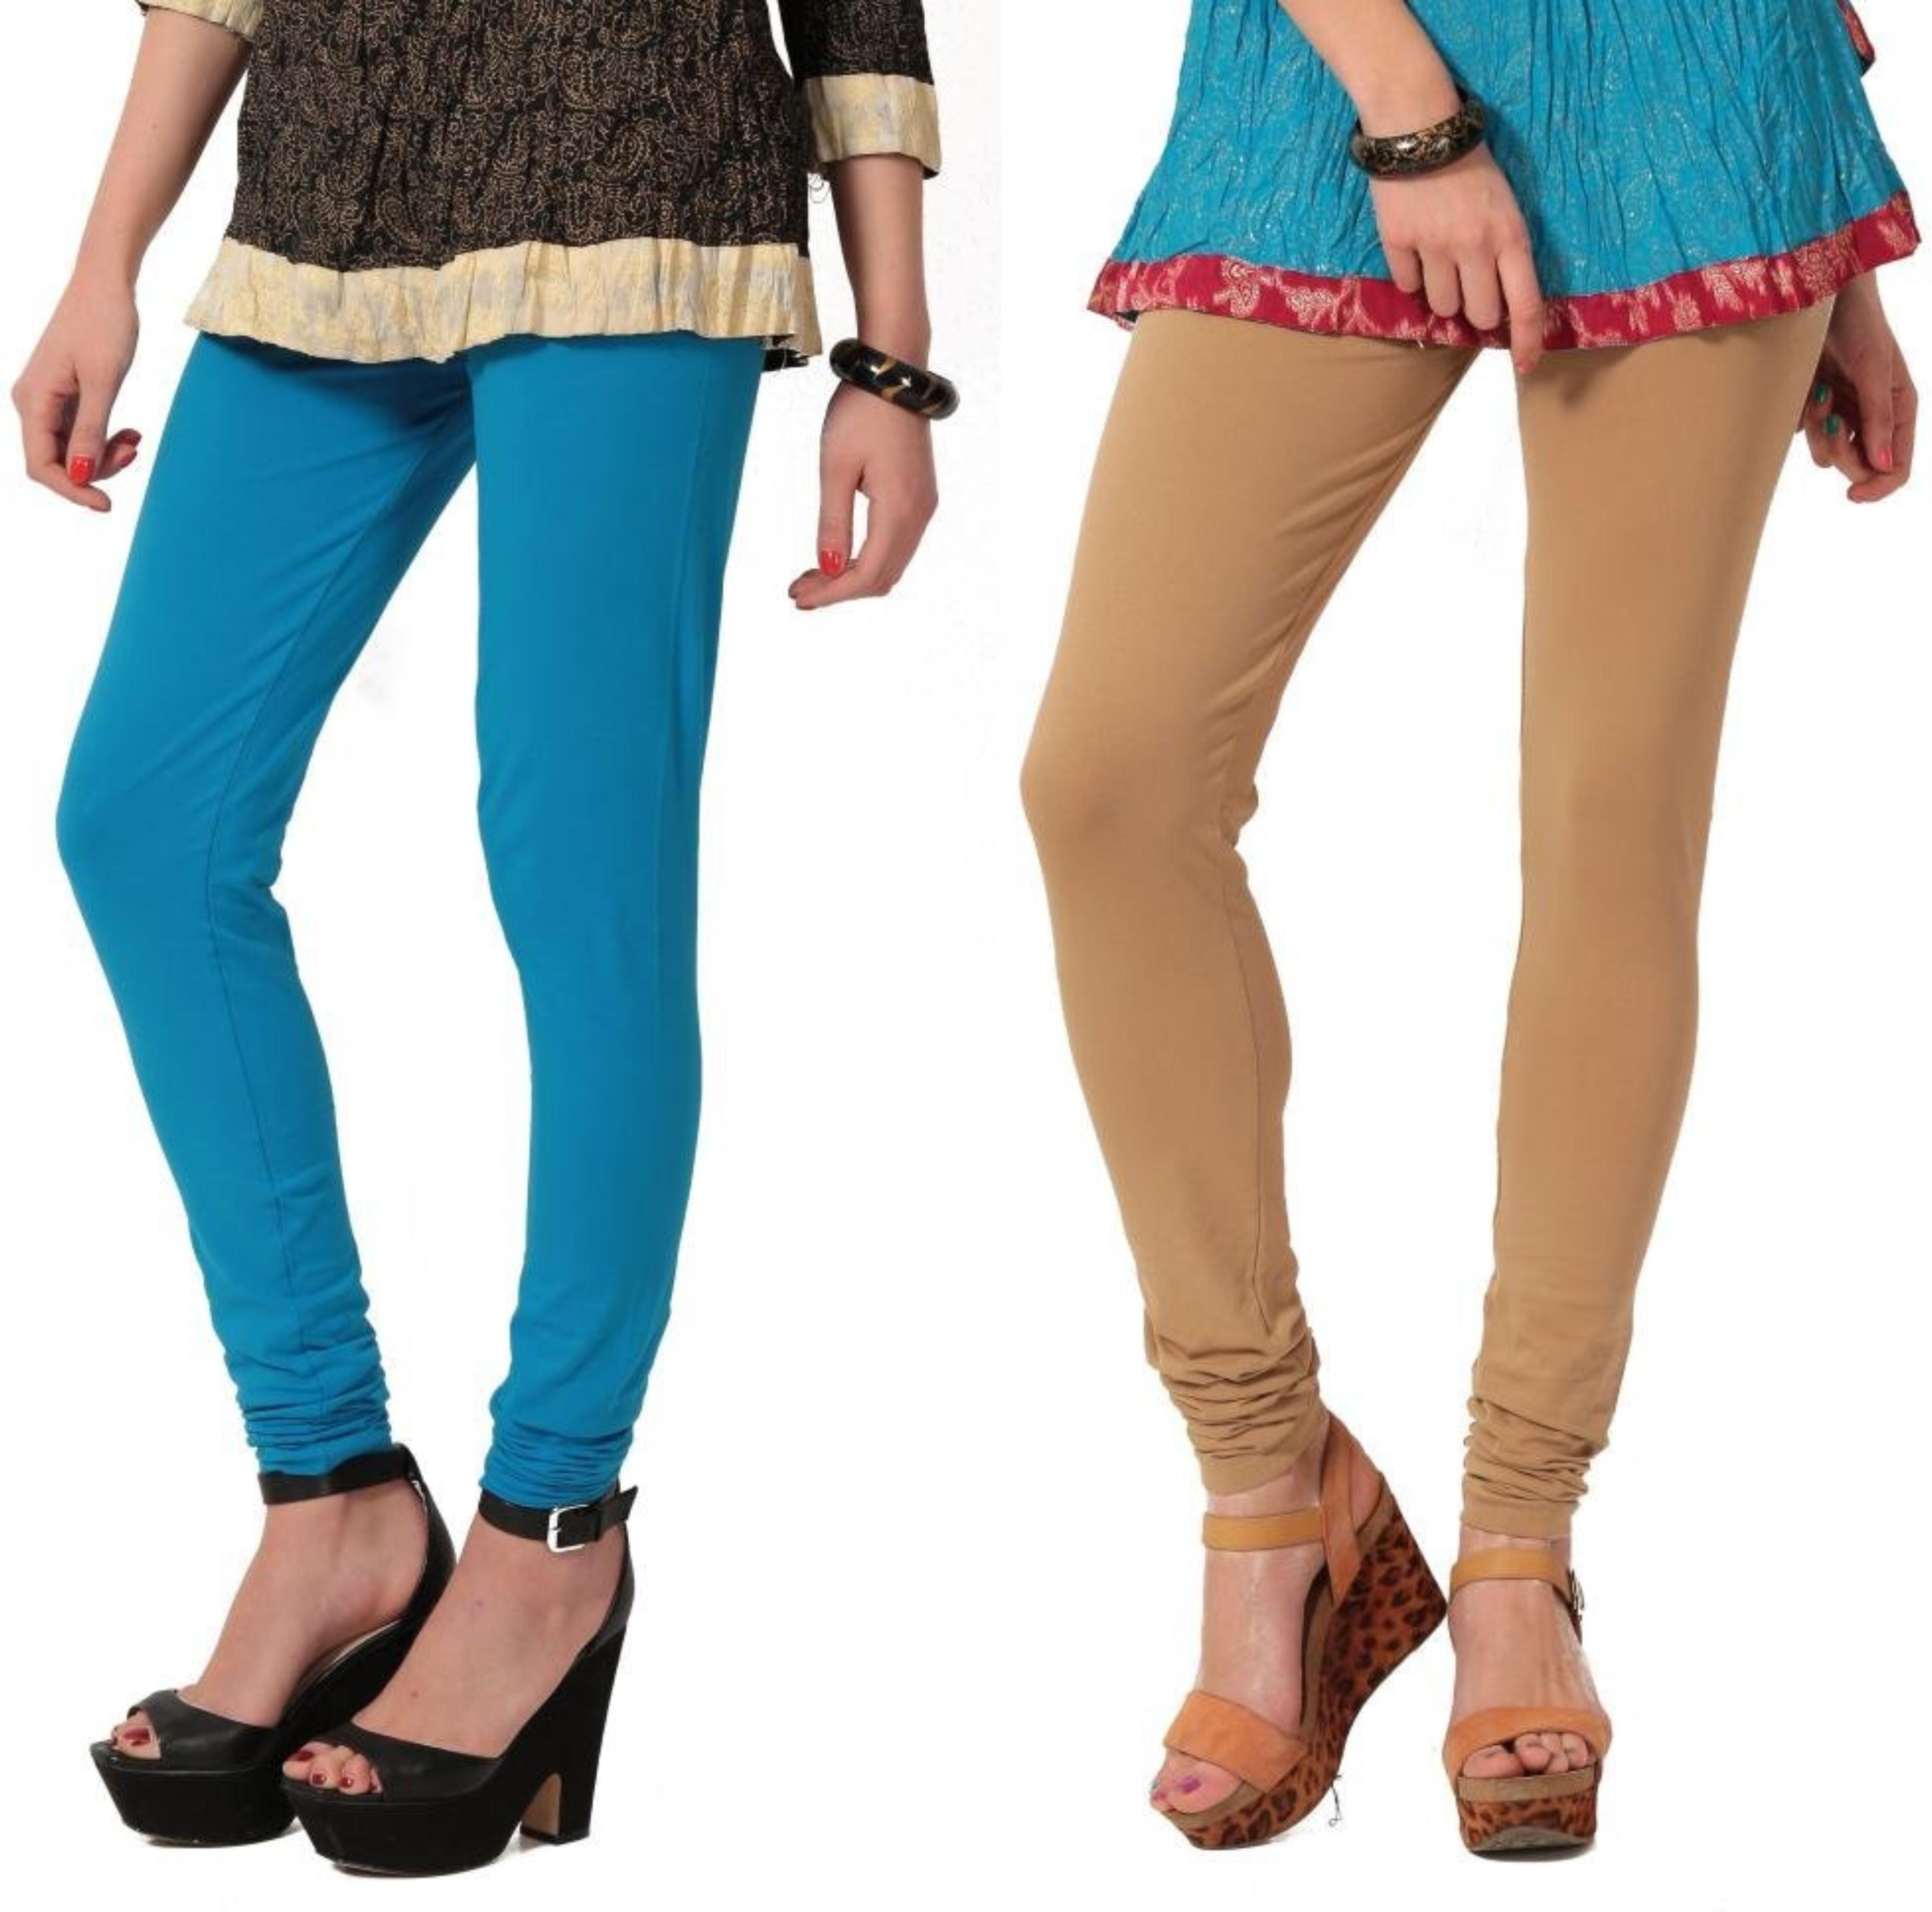 Angel Soft Womens Light Blue, Beige Leggings(Pack of 2)